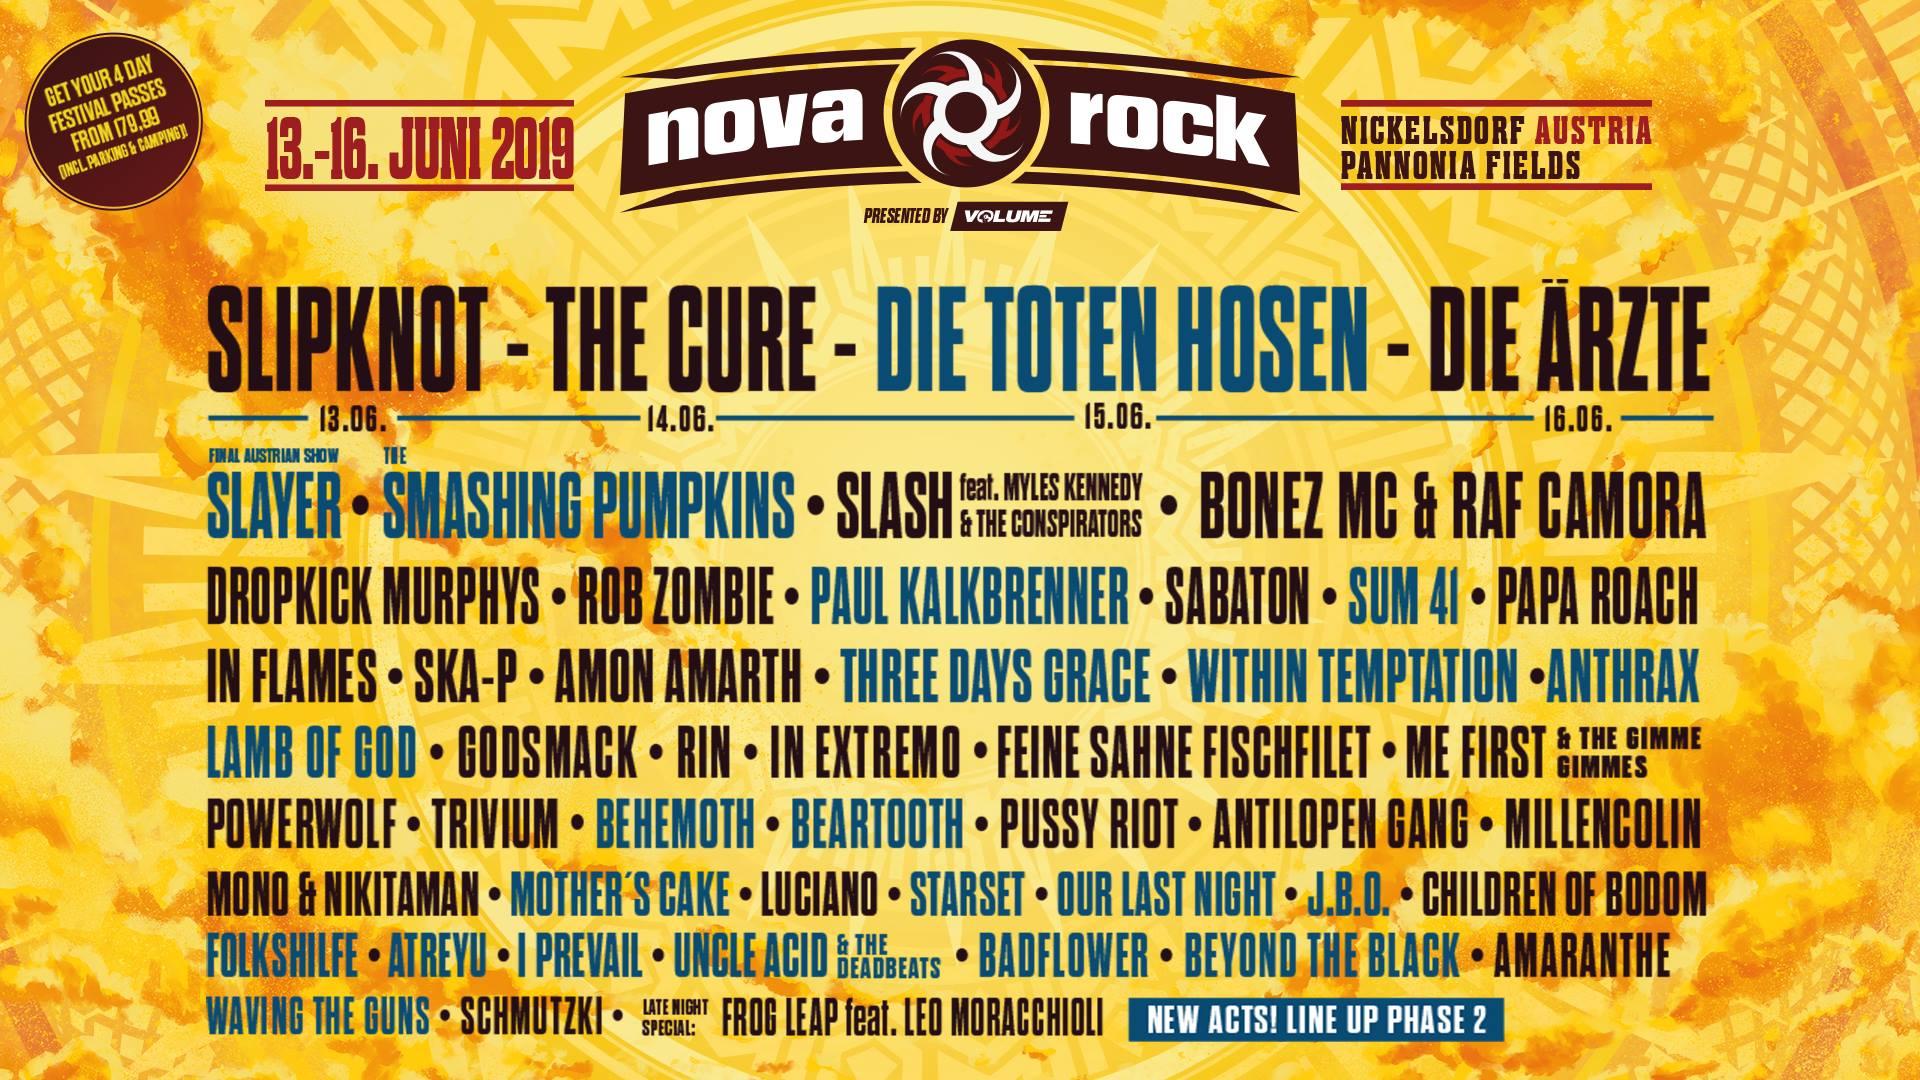 Nova Rock Festival 2019 Nickelsdorf Pannonia Fields Ii 13 1606